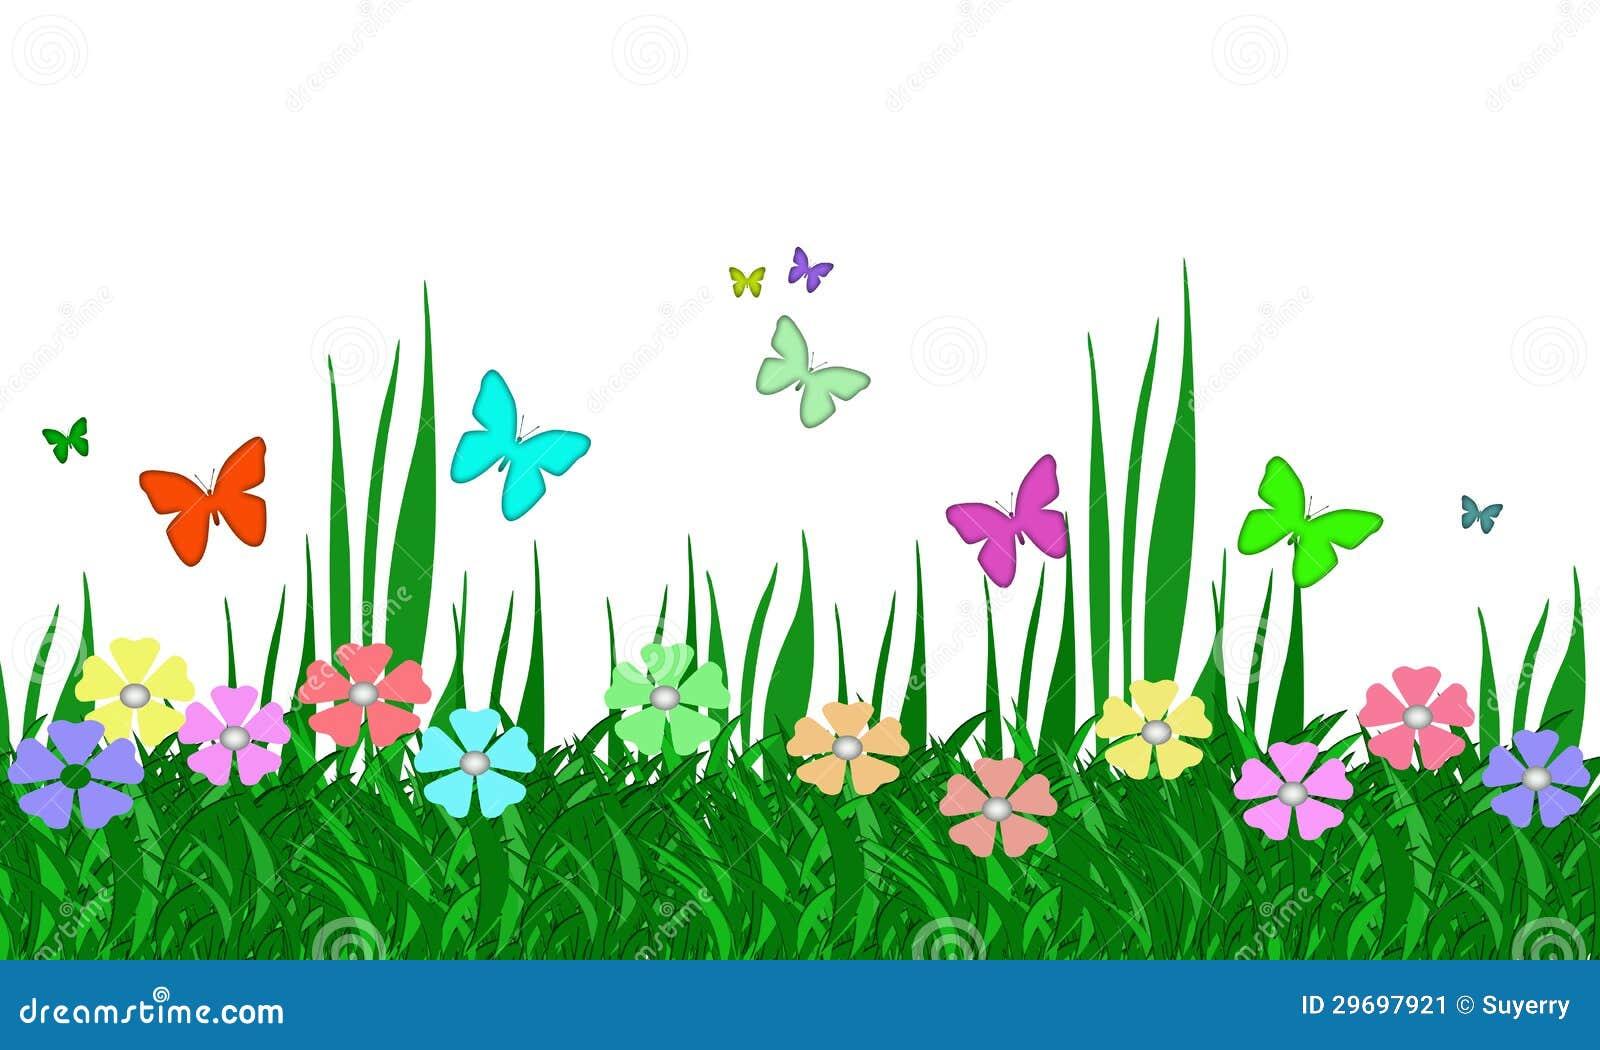 jardim grama e borboletas pastel 29697921